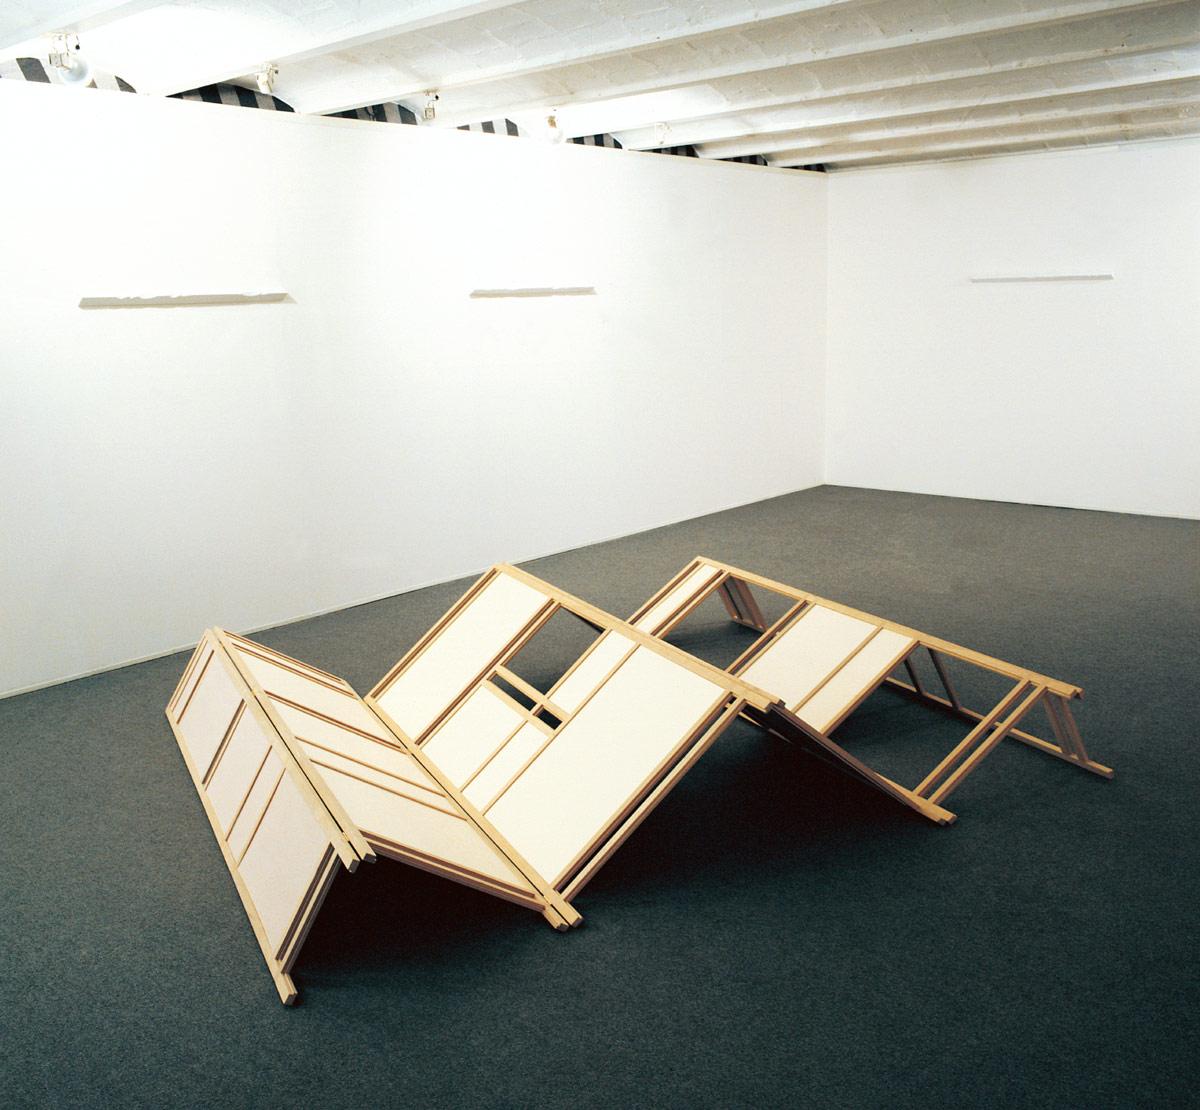 Antonio Catelani - Antonio Catelani Galleria G7 Bologna